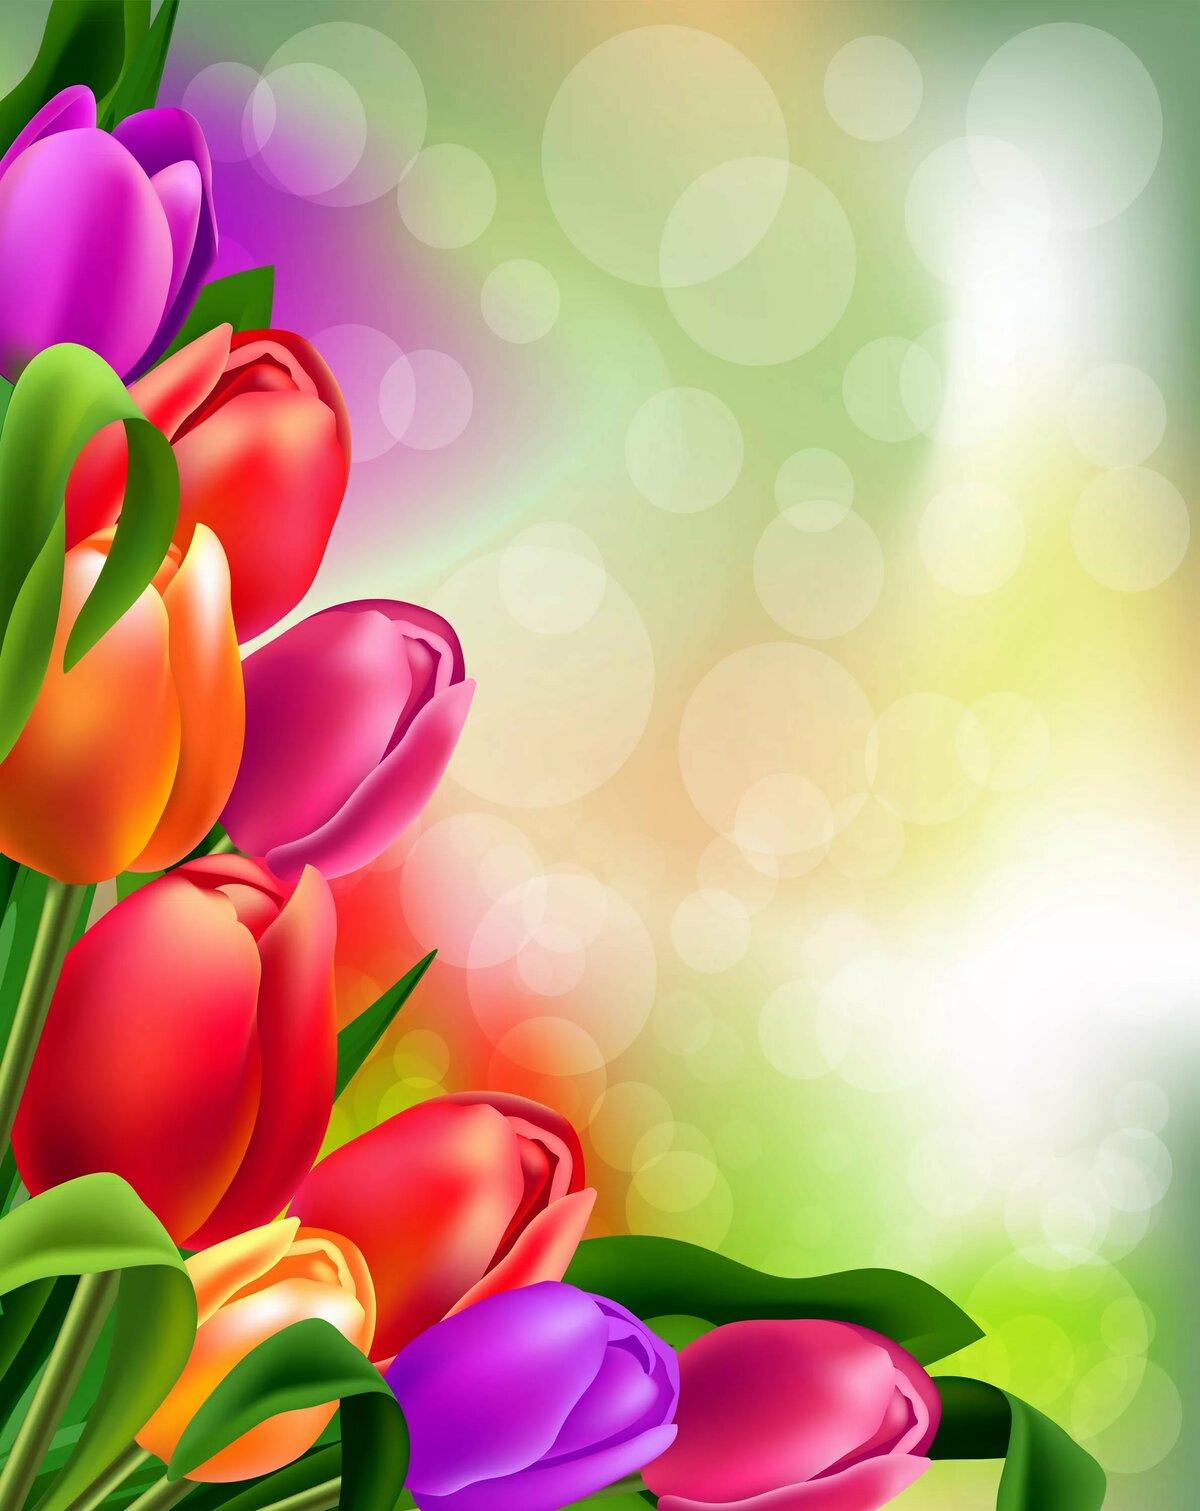 Красивые картинки с цветами для афиши отличить